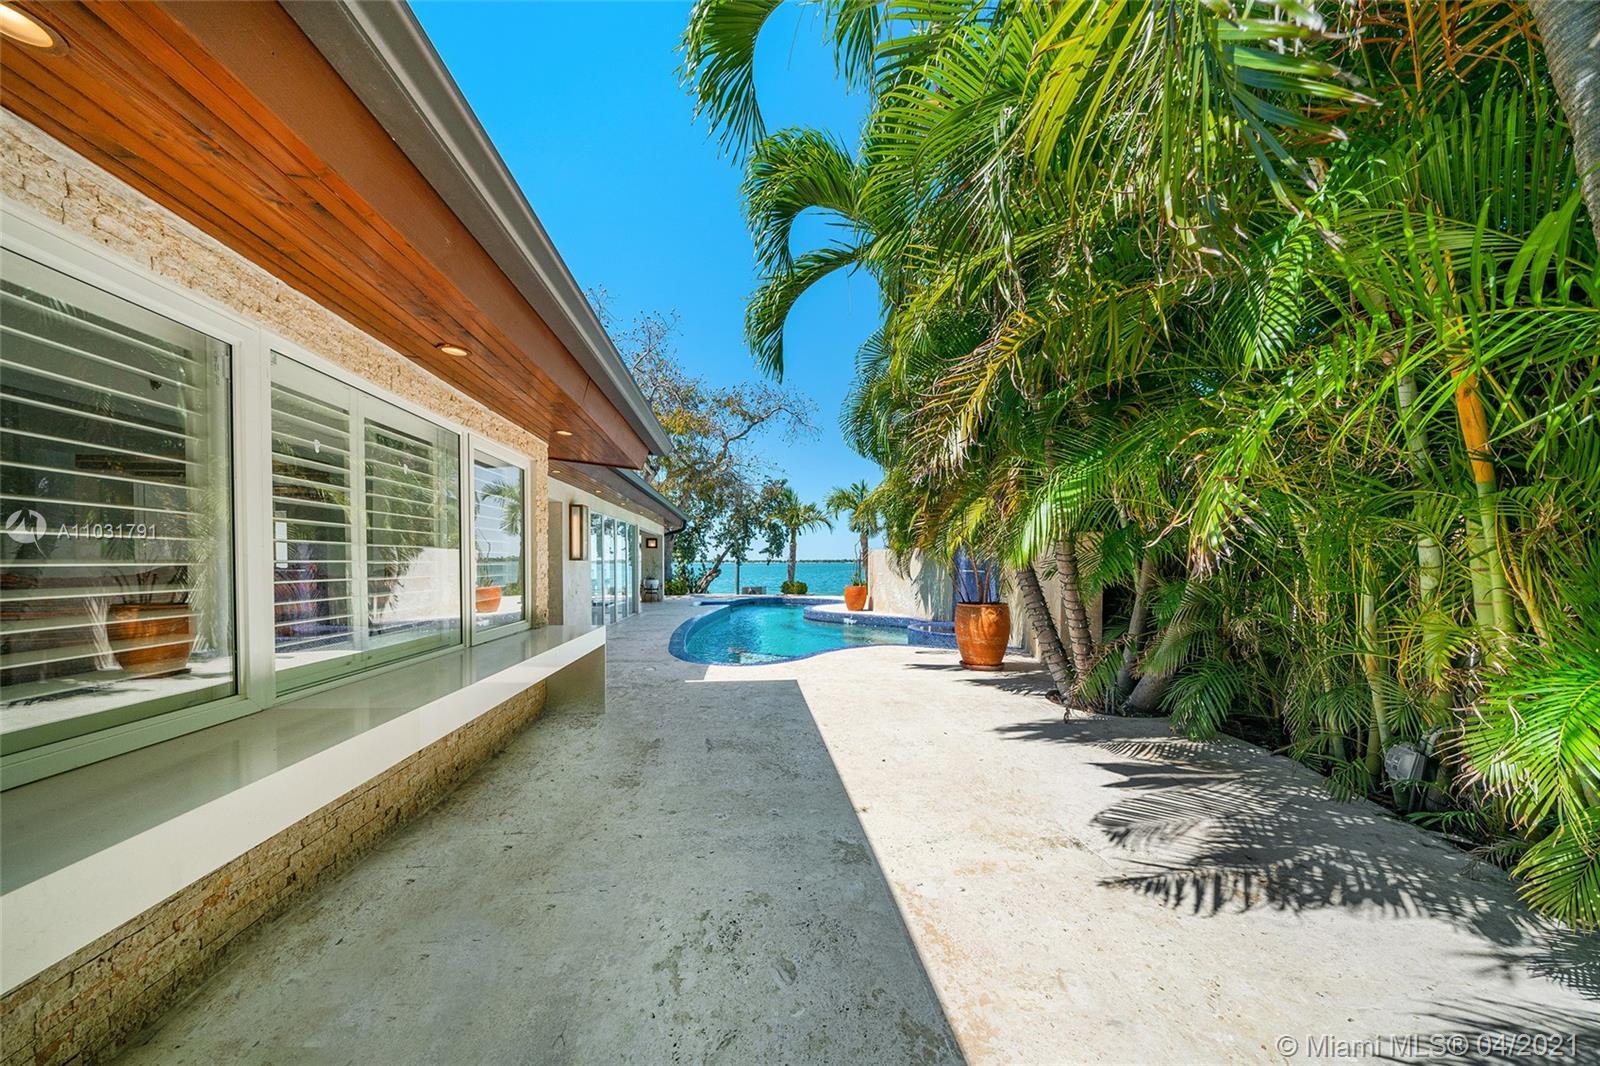 444 Rivo alto dr- miami-beach-fl-33139-a11031791-Pic01